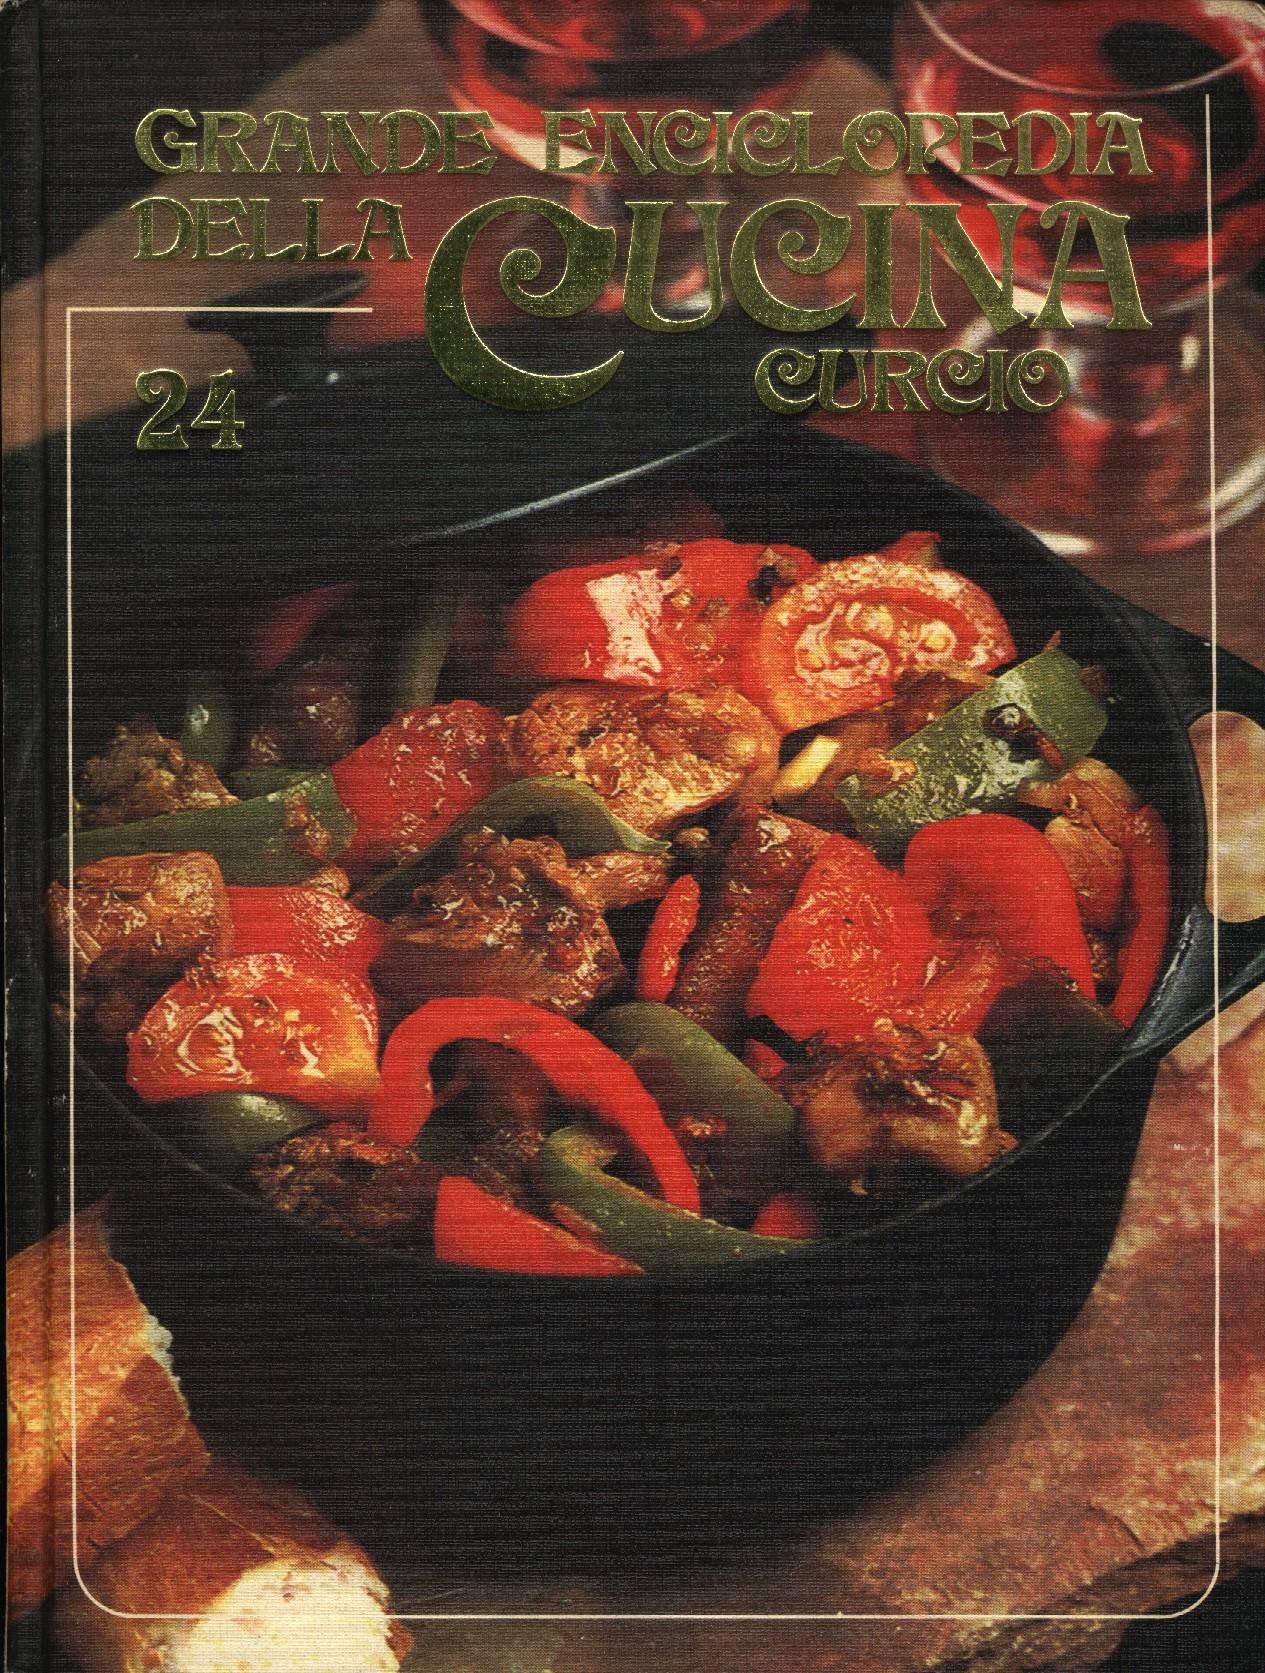 Grande Enciclopedia della Cucina Vol. 24 (ver-z)